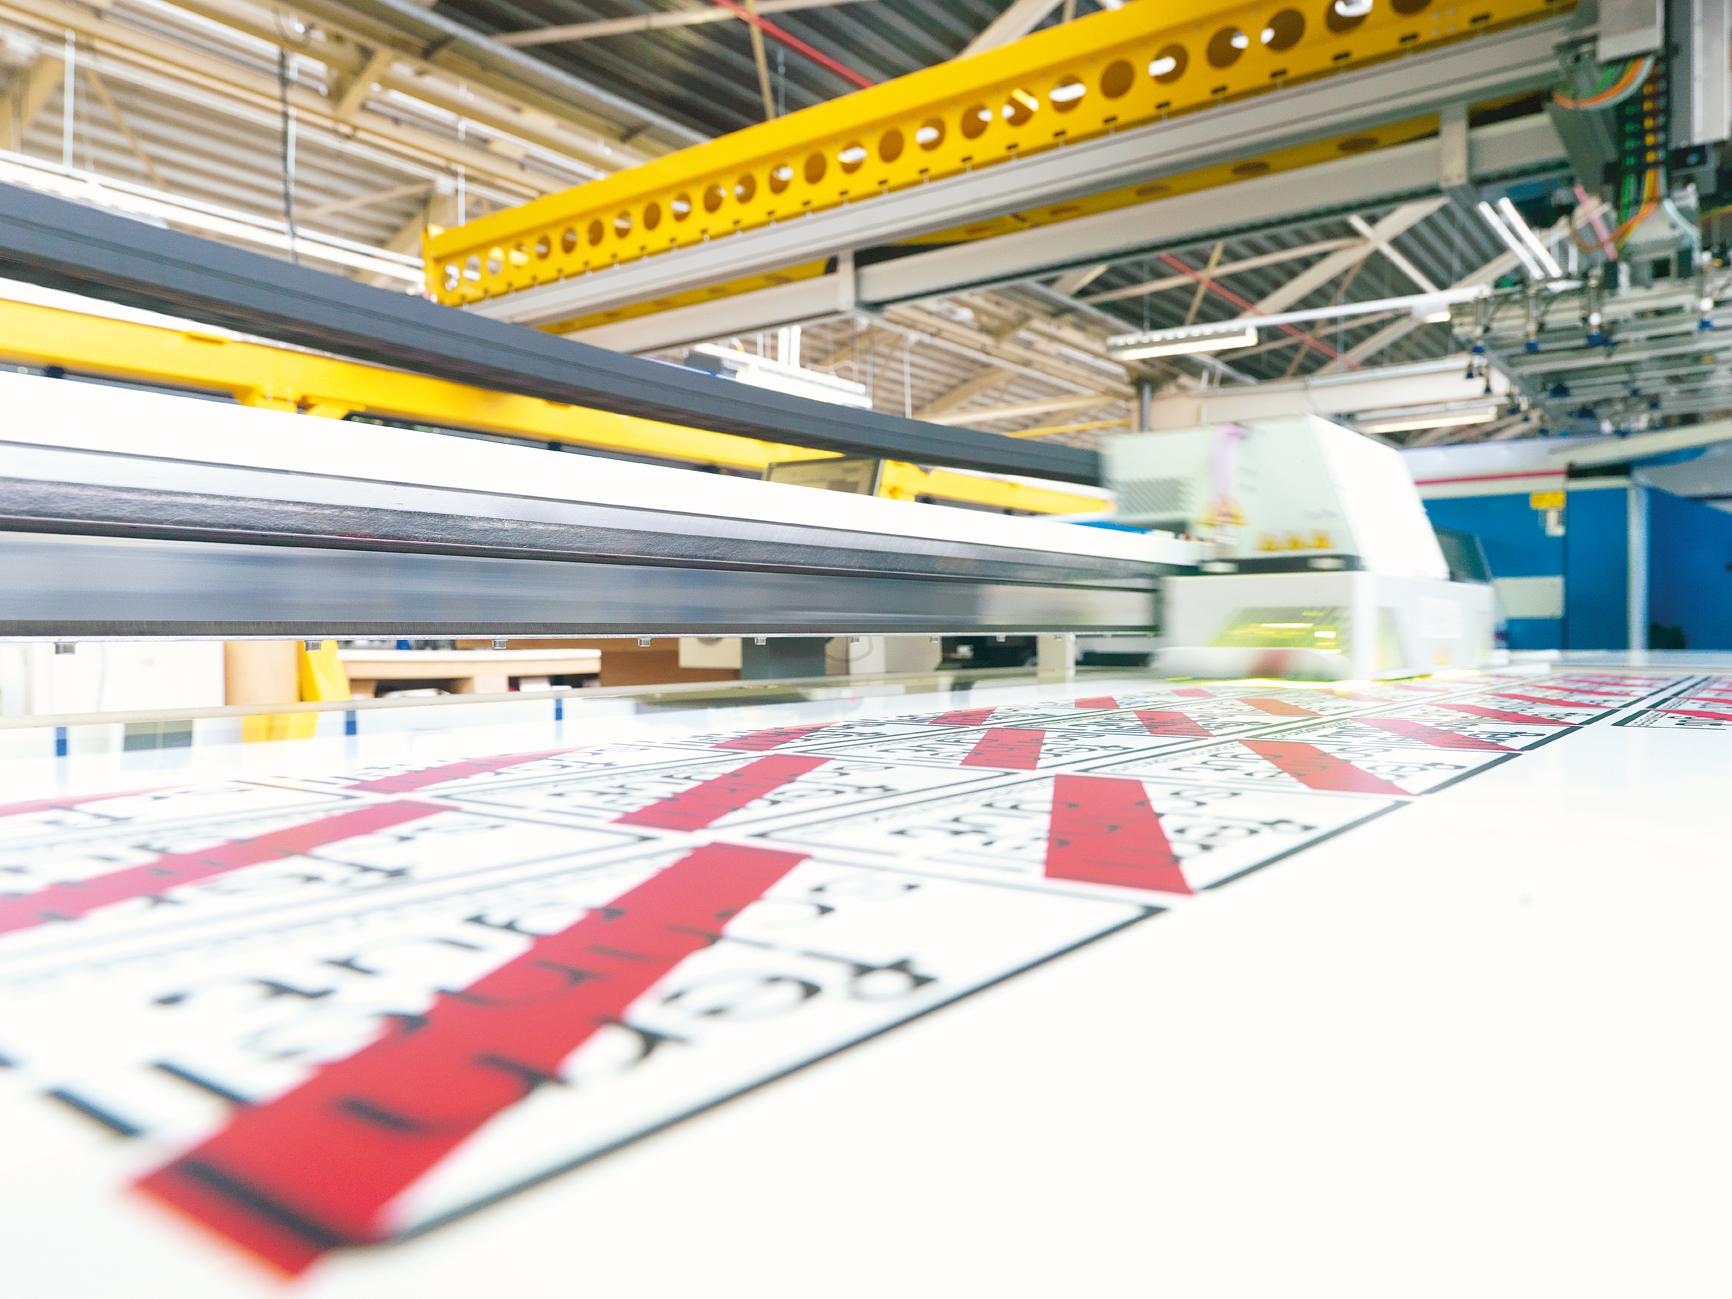 Heinrich Klar Schilder- und Etikettenfabrik GmbH & Co. KG